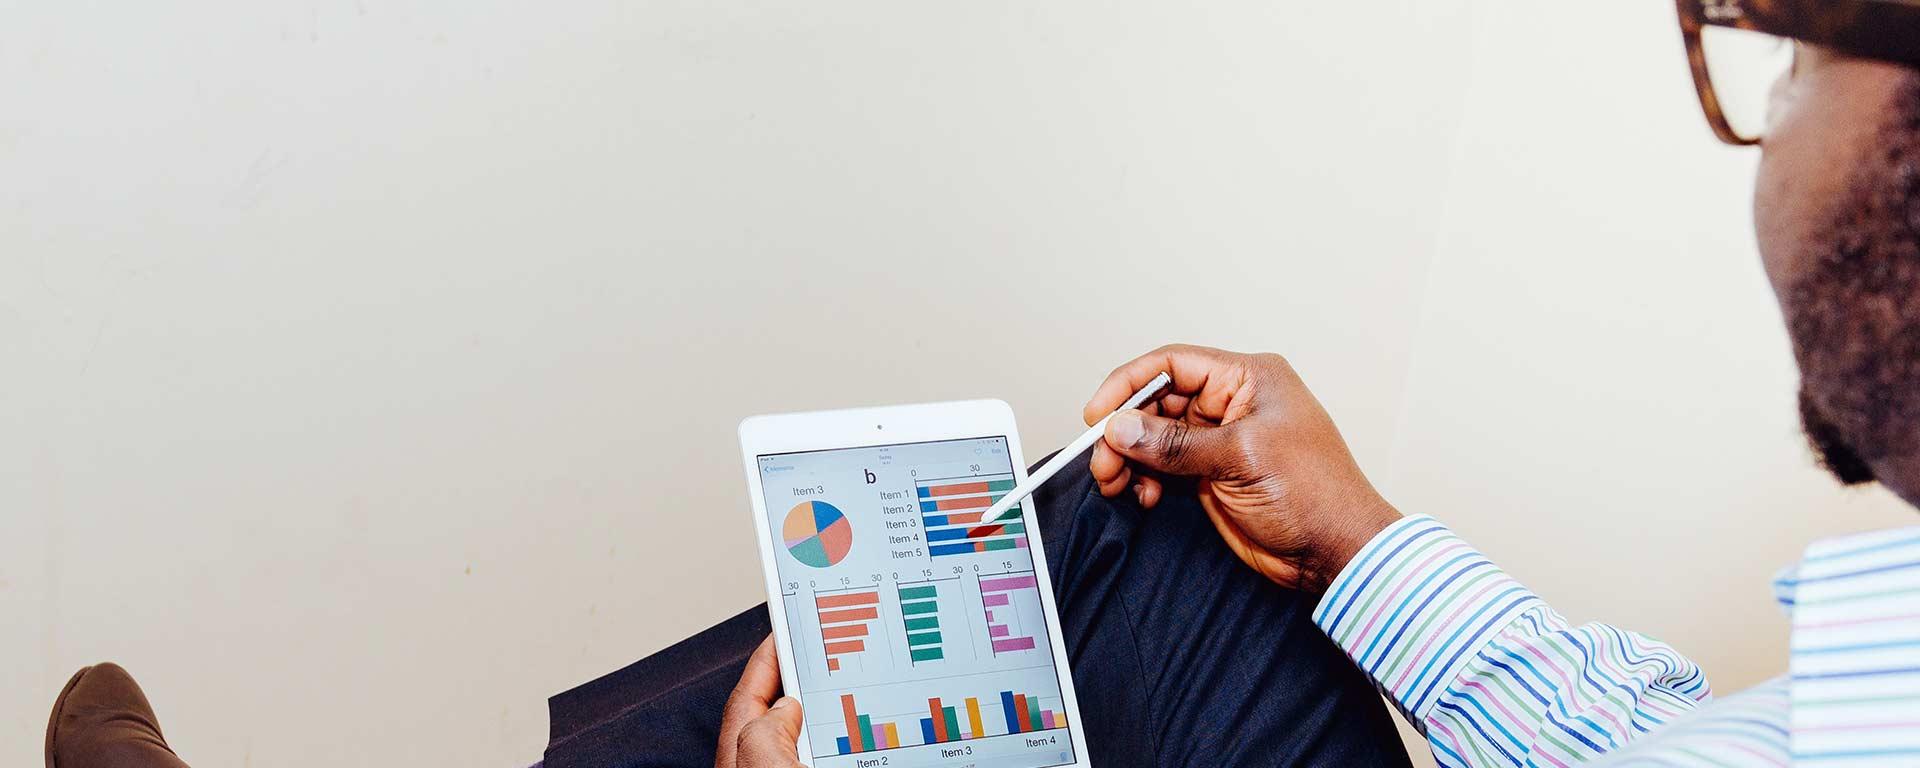 Para acelerar el crecimiento de su empresa haga cambios en la forma de tomar decisiones. Gane en agilidad, reaccion y certeza pare decidir en entornos competitivos